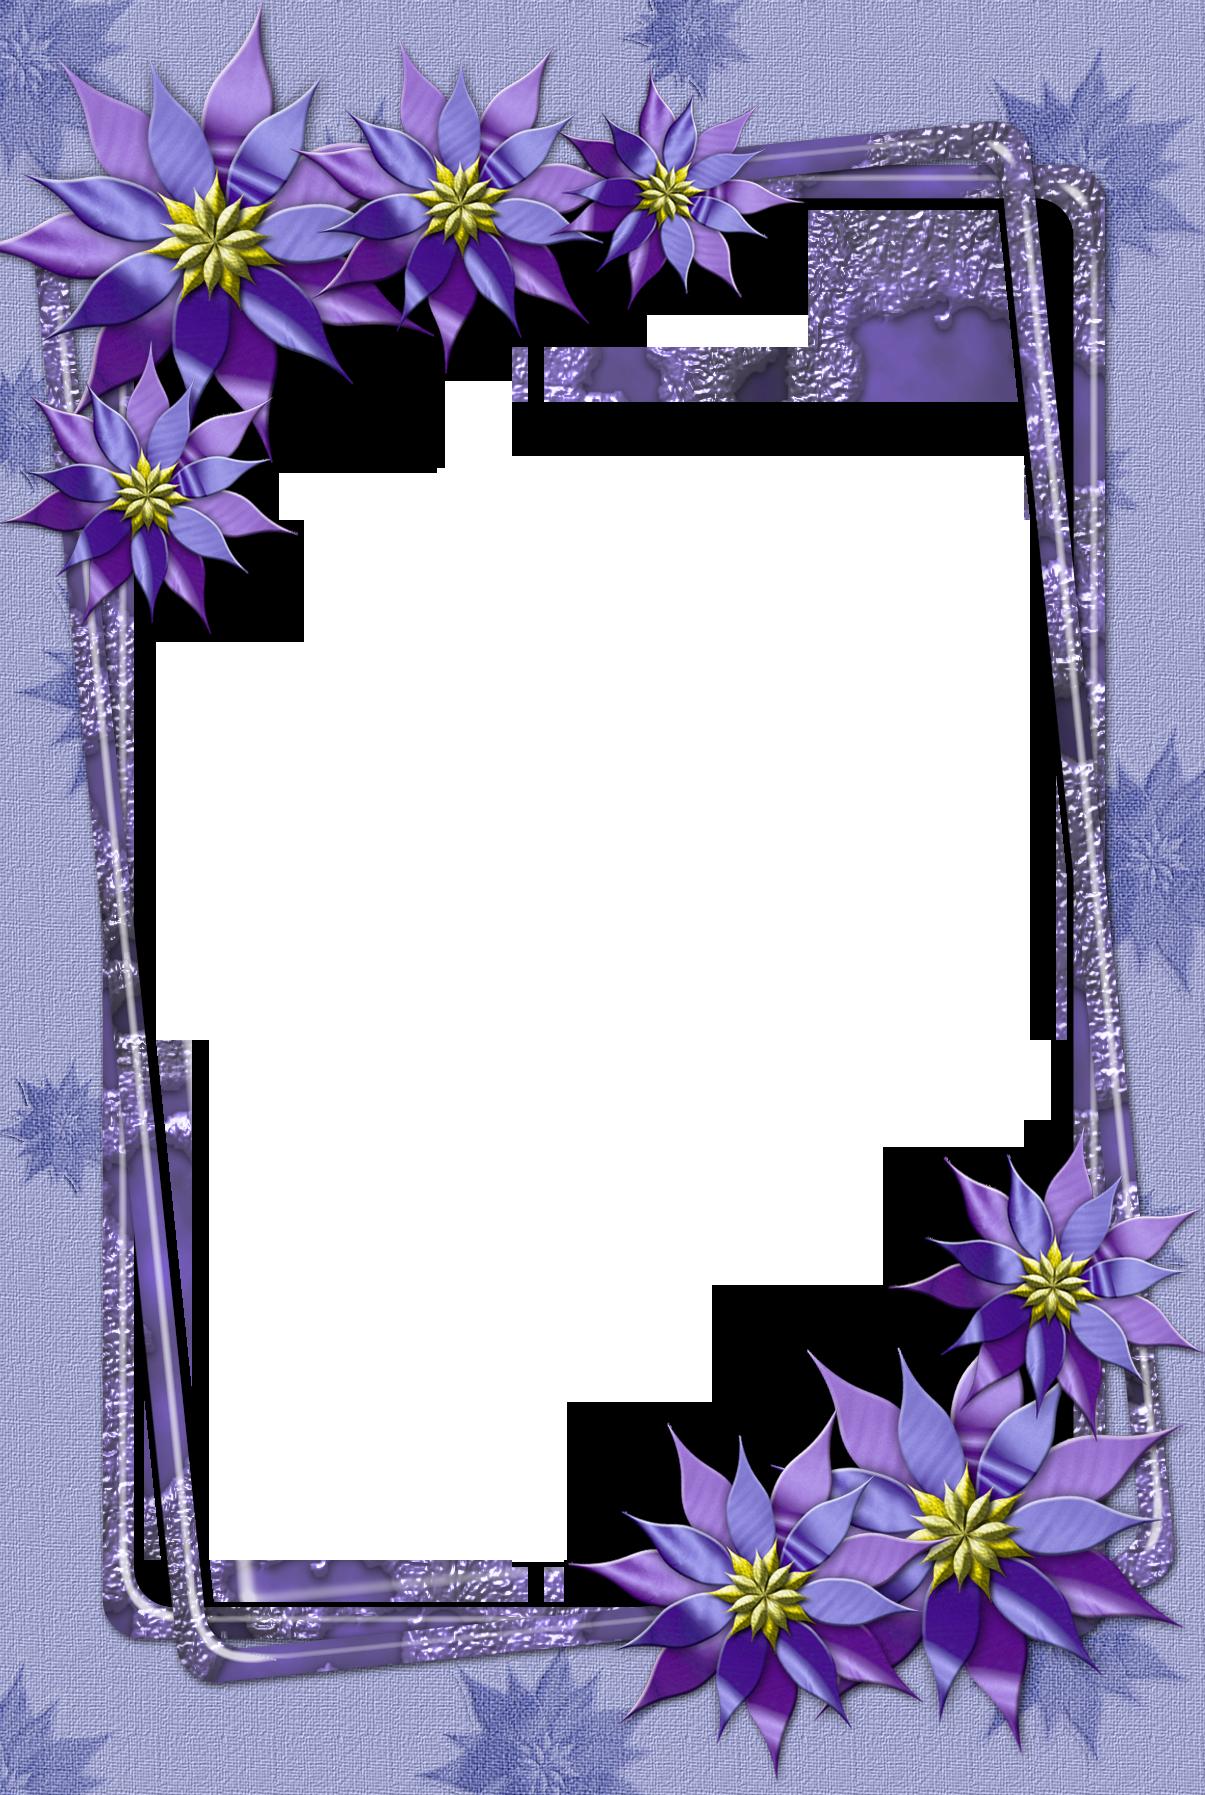 FlowersPictureFramewithGoldenFloralBorder.png (1200